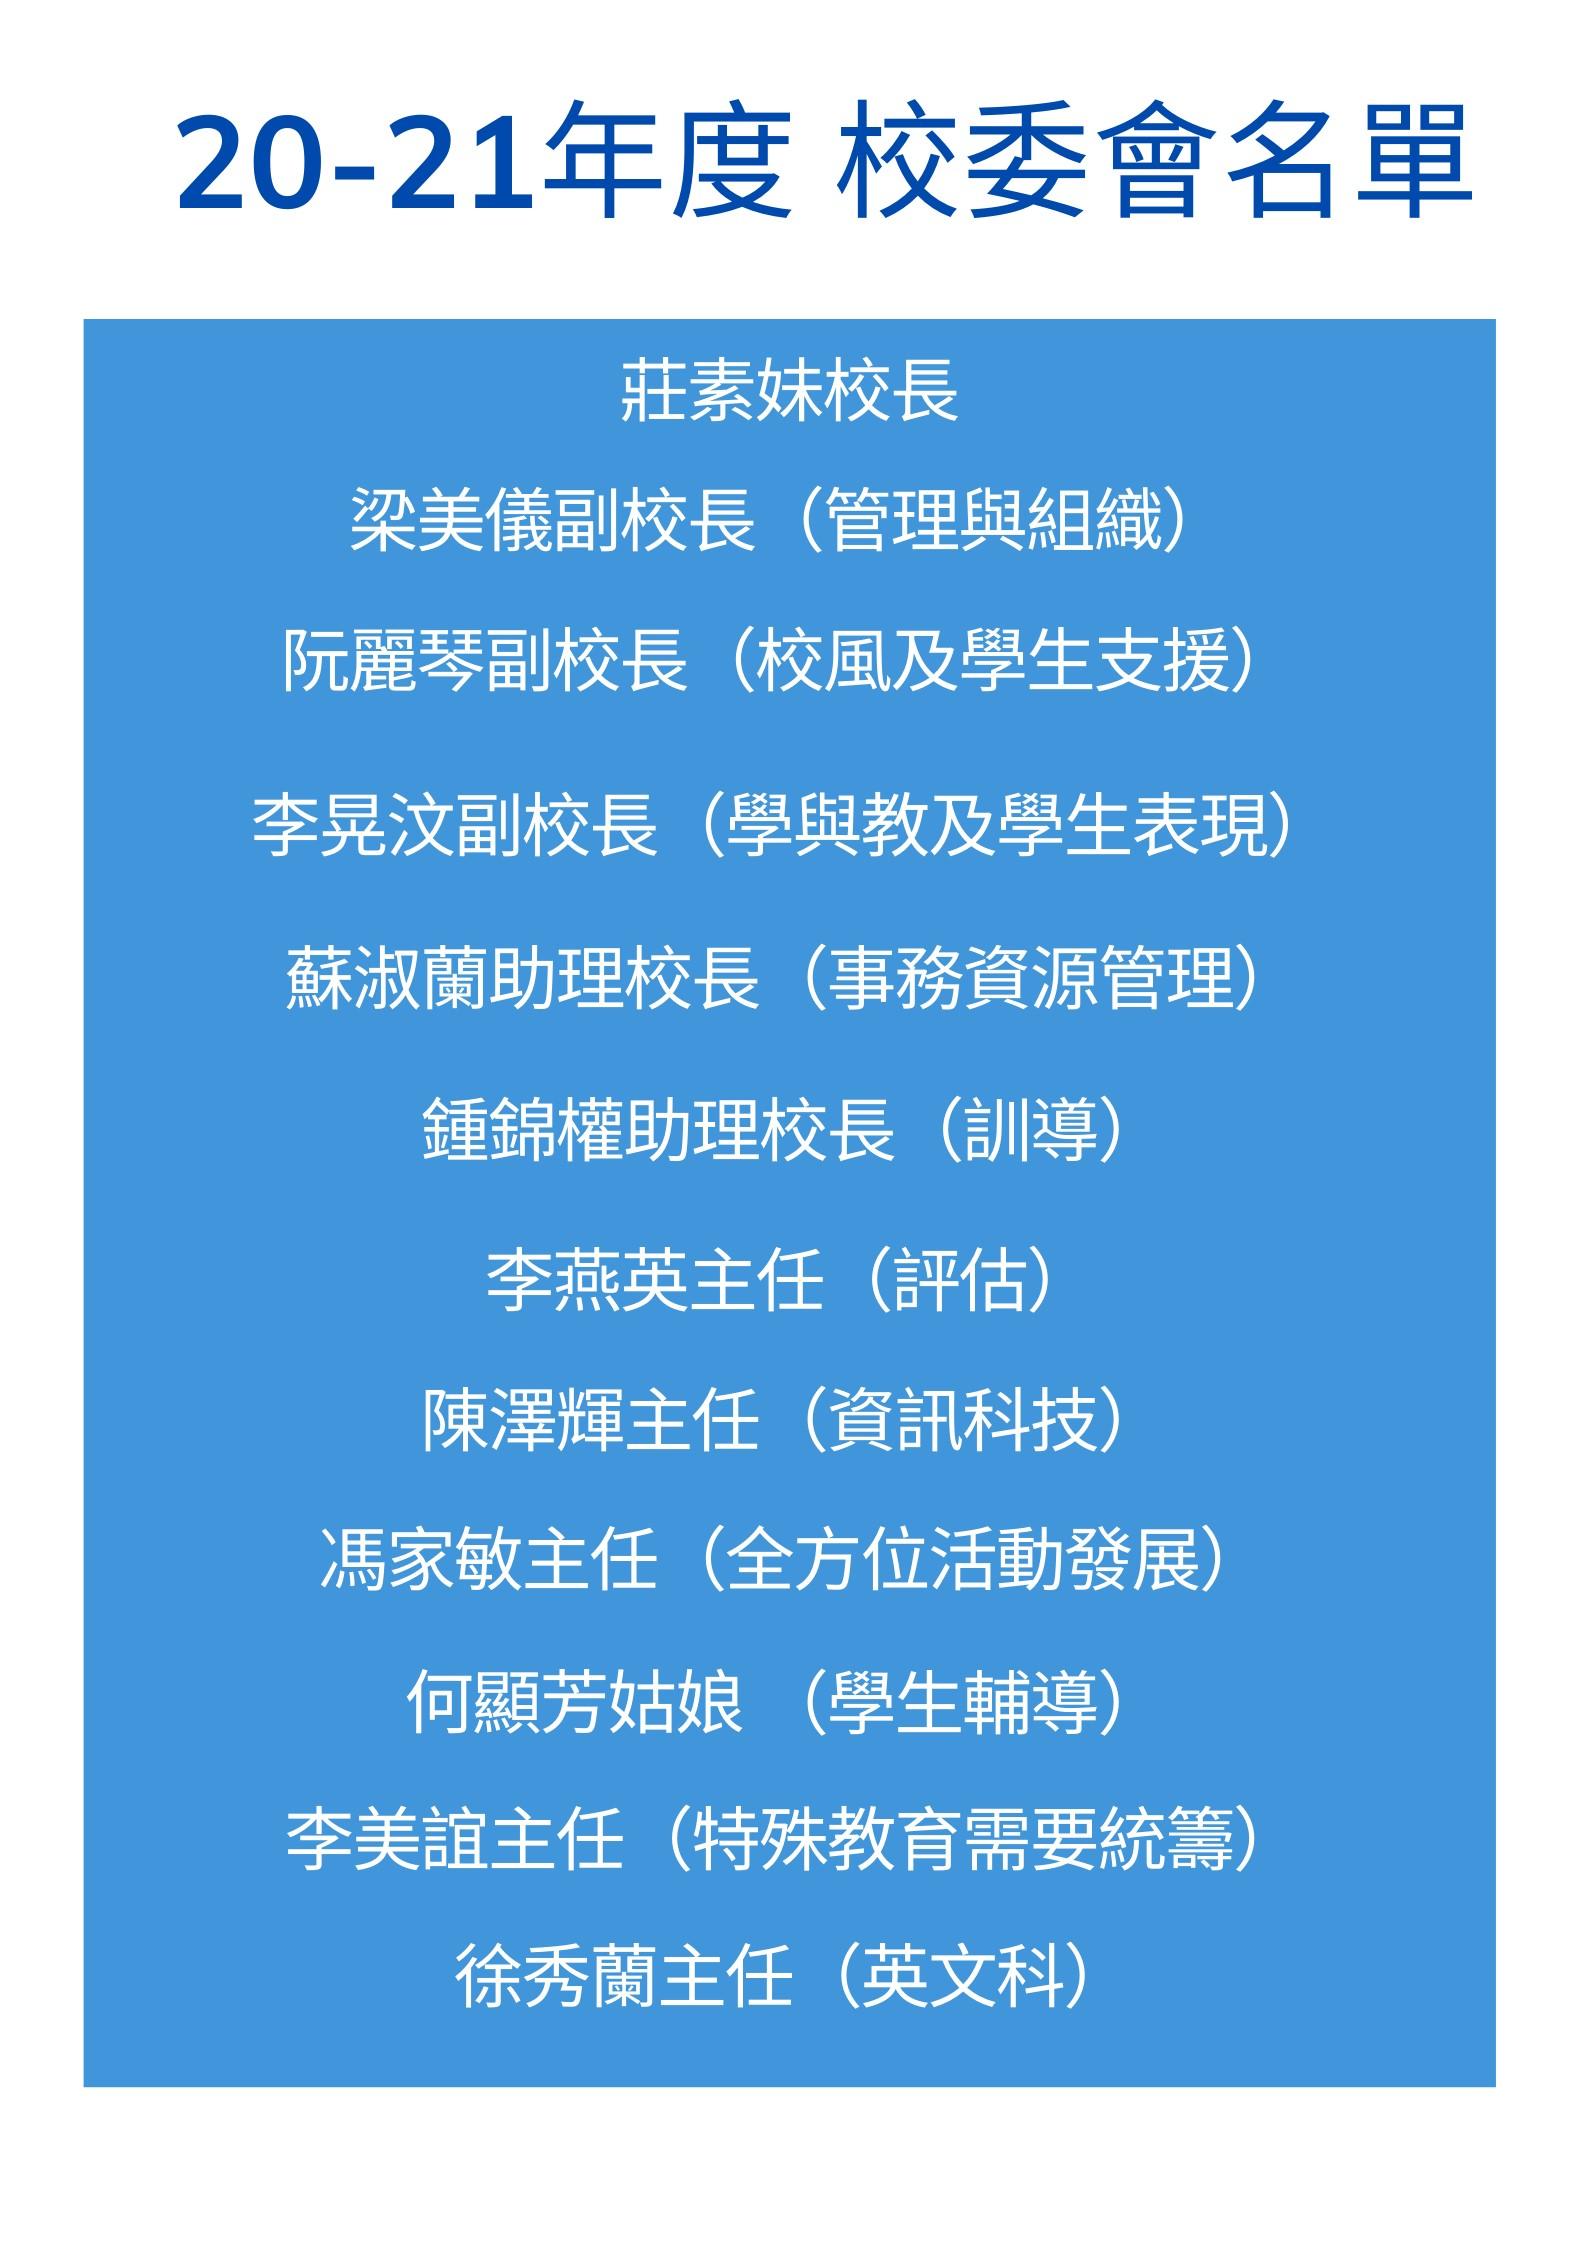 20-21年度校委會名單